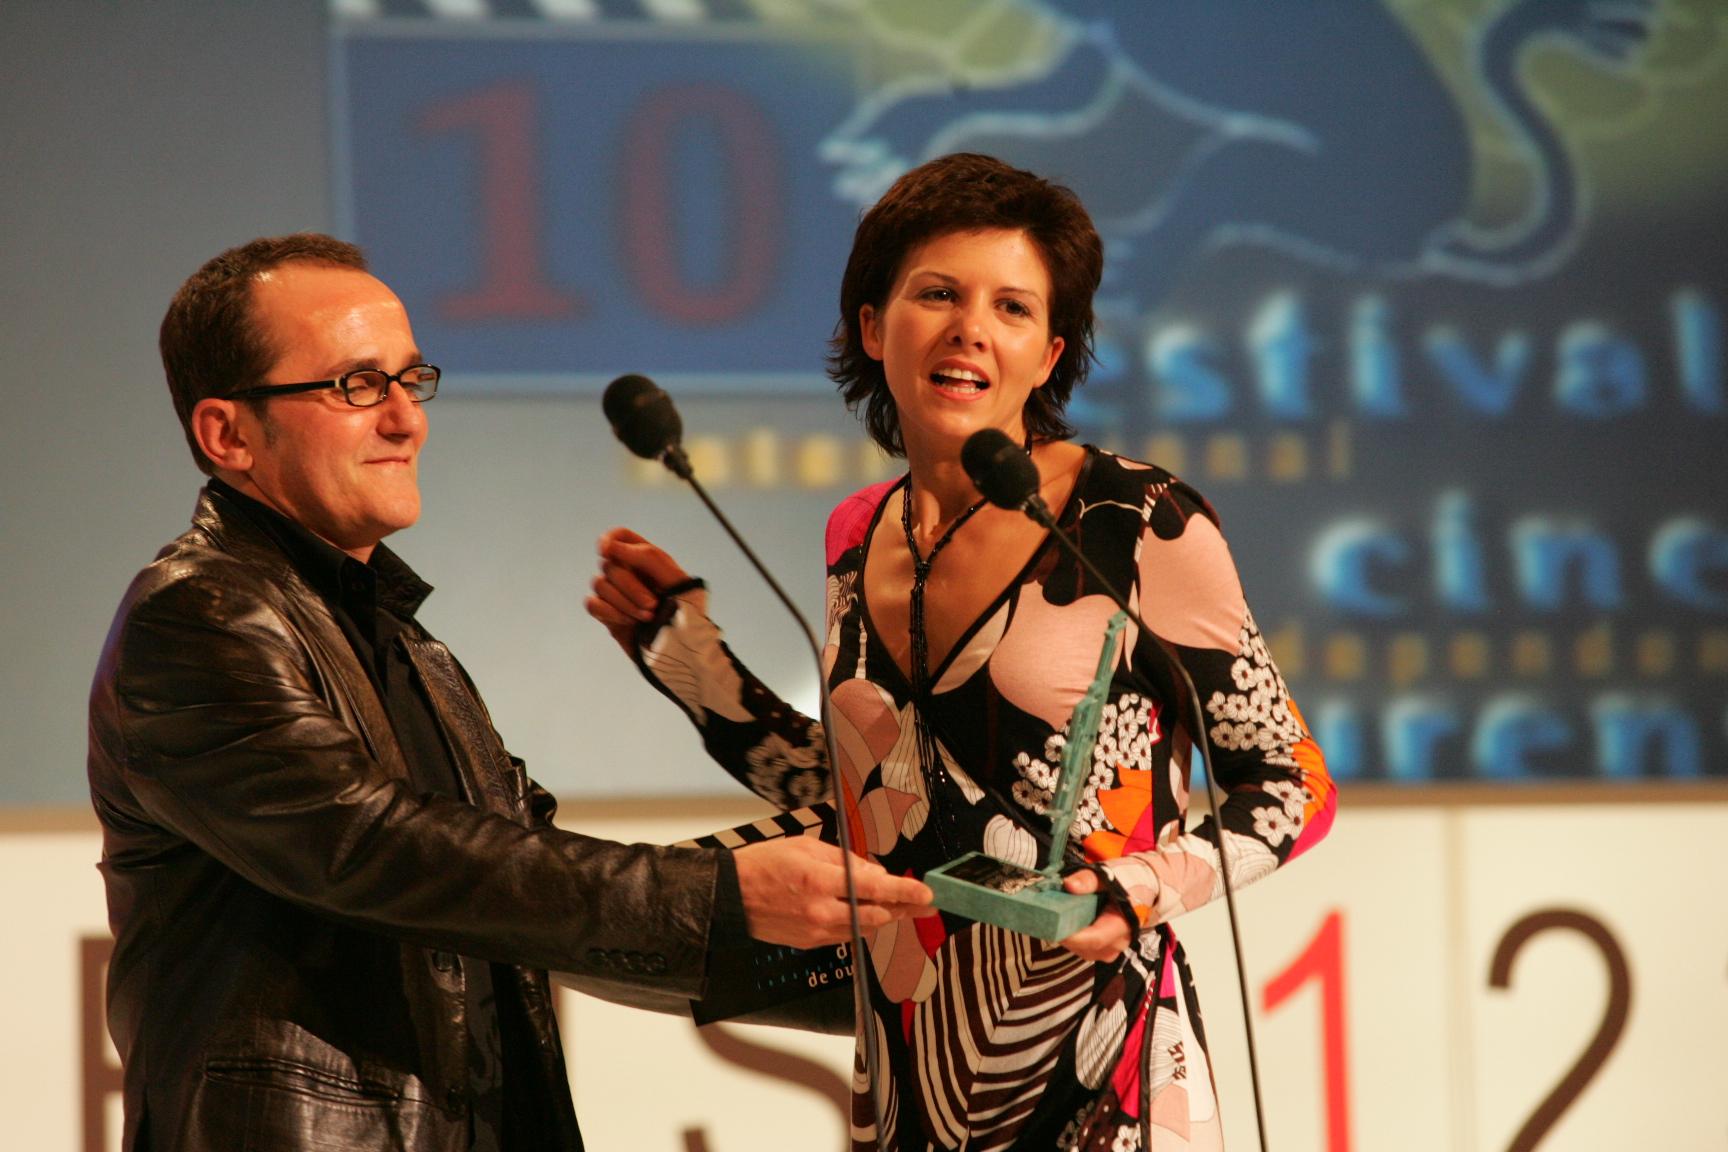 """Recogiendo el premio AISGE a la mejor actriz por """"Te quiero mal"""" en el Festival de Cine de Ourense en 2005"""